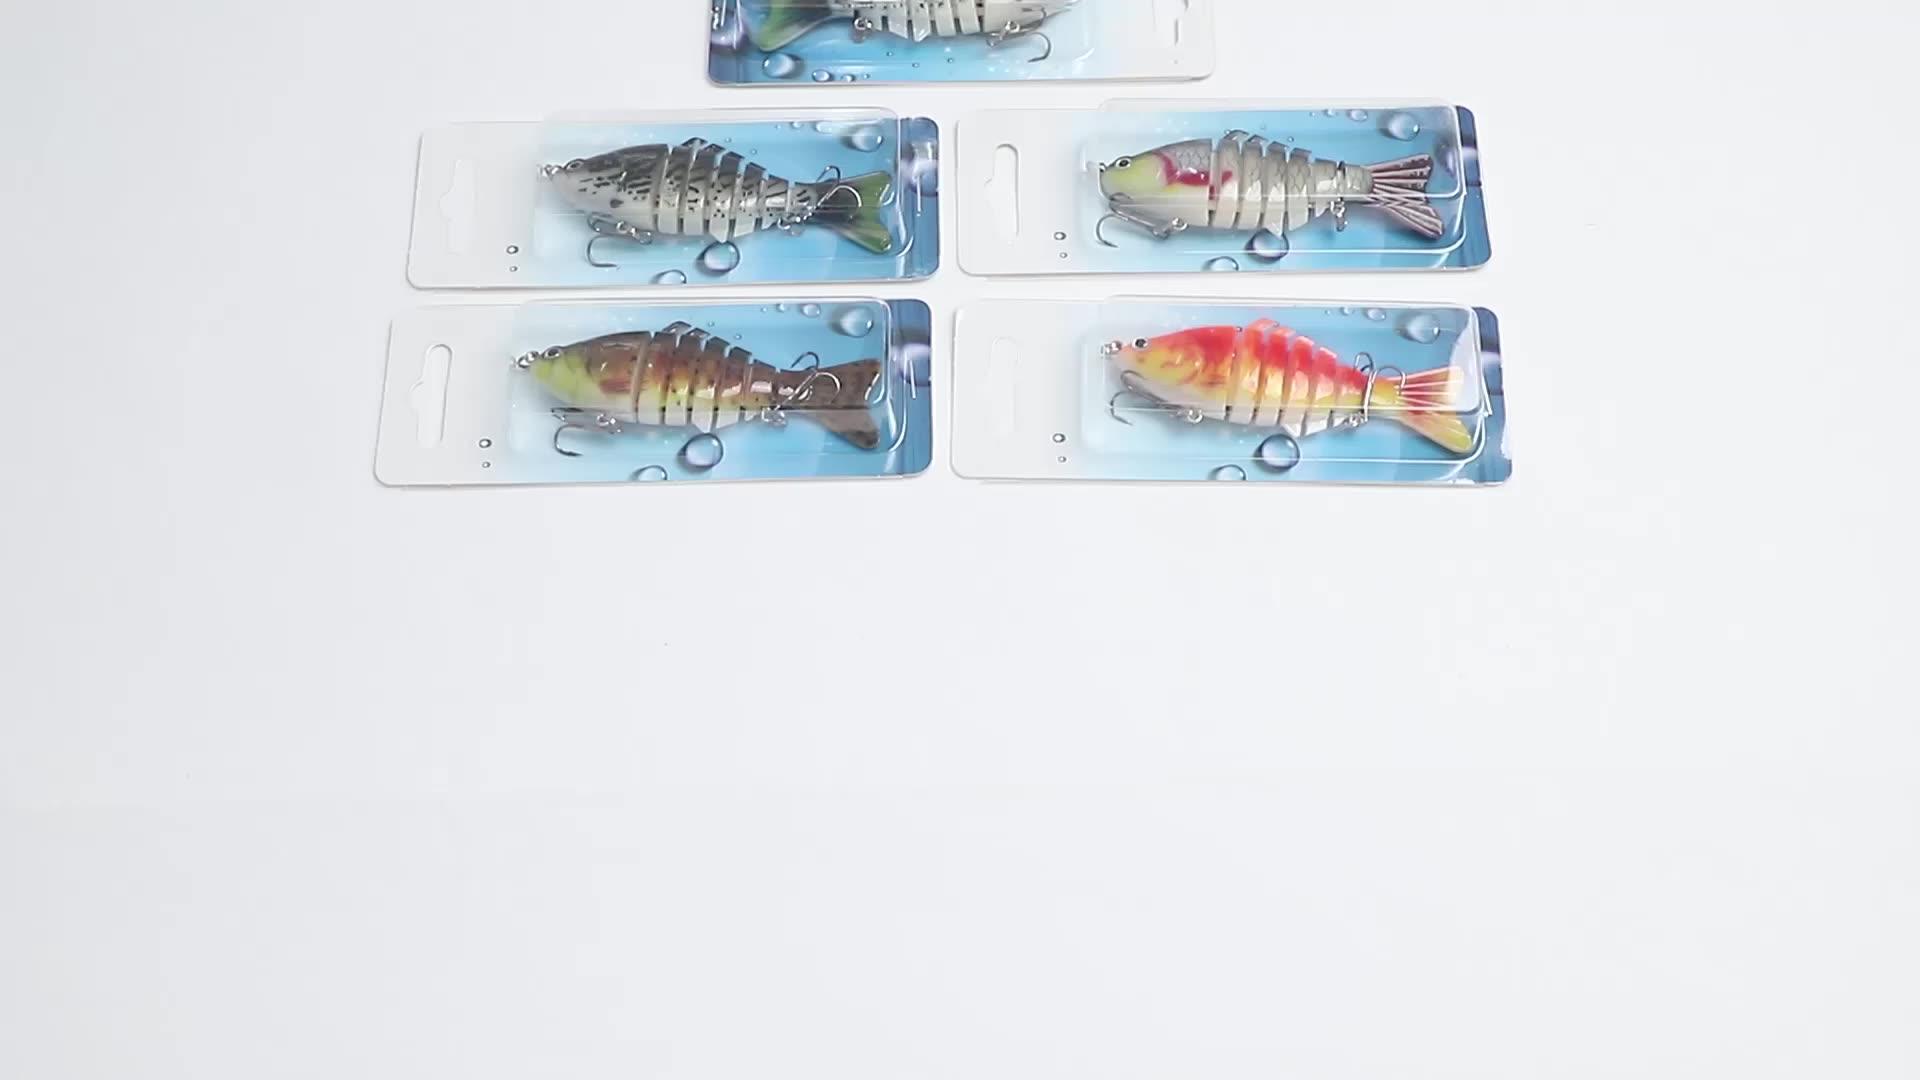 Pêche à la traîne Leurres De Poisson Nage Minnow Wobbler multi-sections Dur Bait100mm/15g Artificielle Crankbait Jig Pesca leurres de pêche